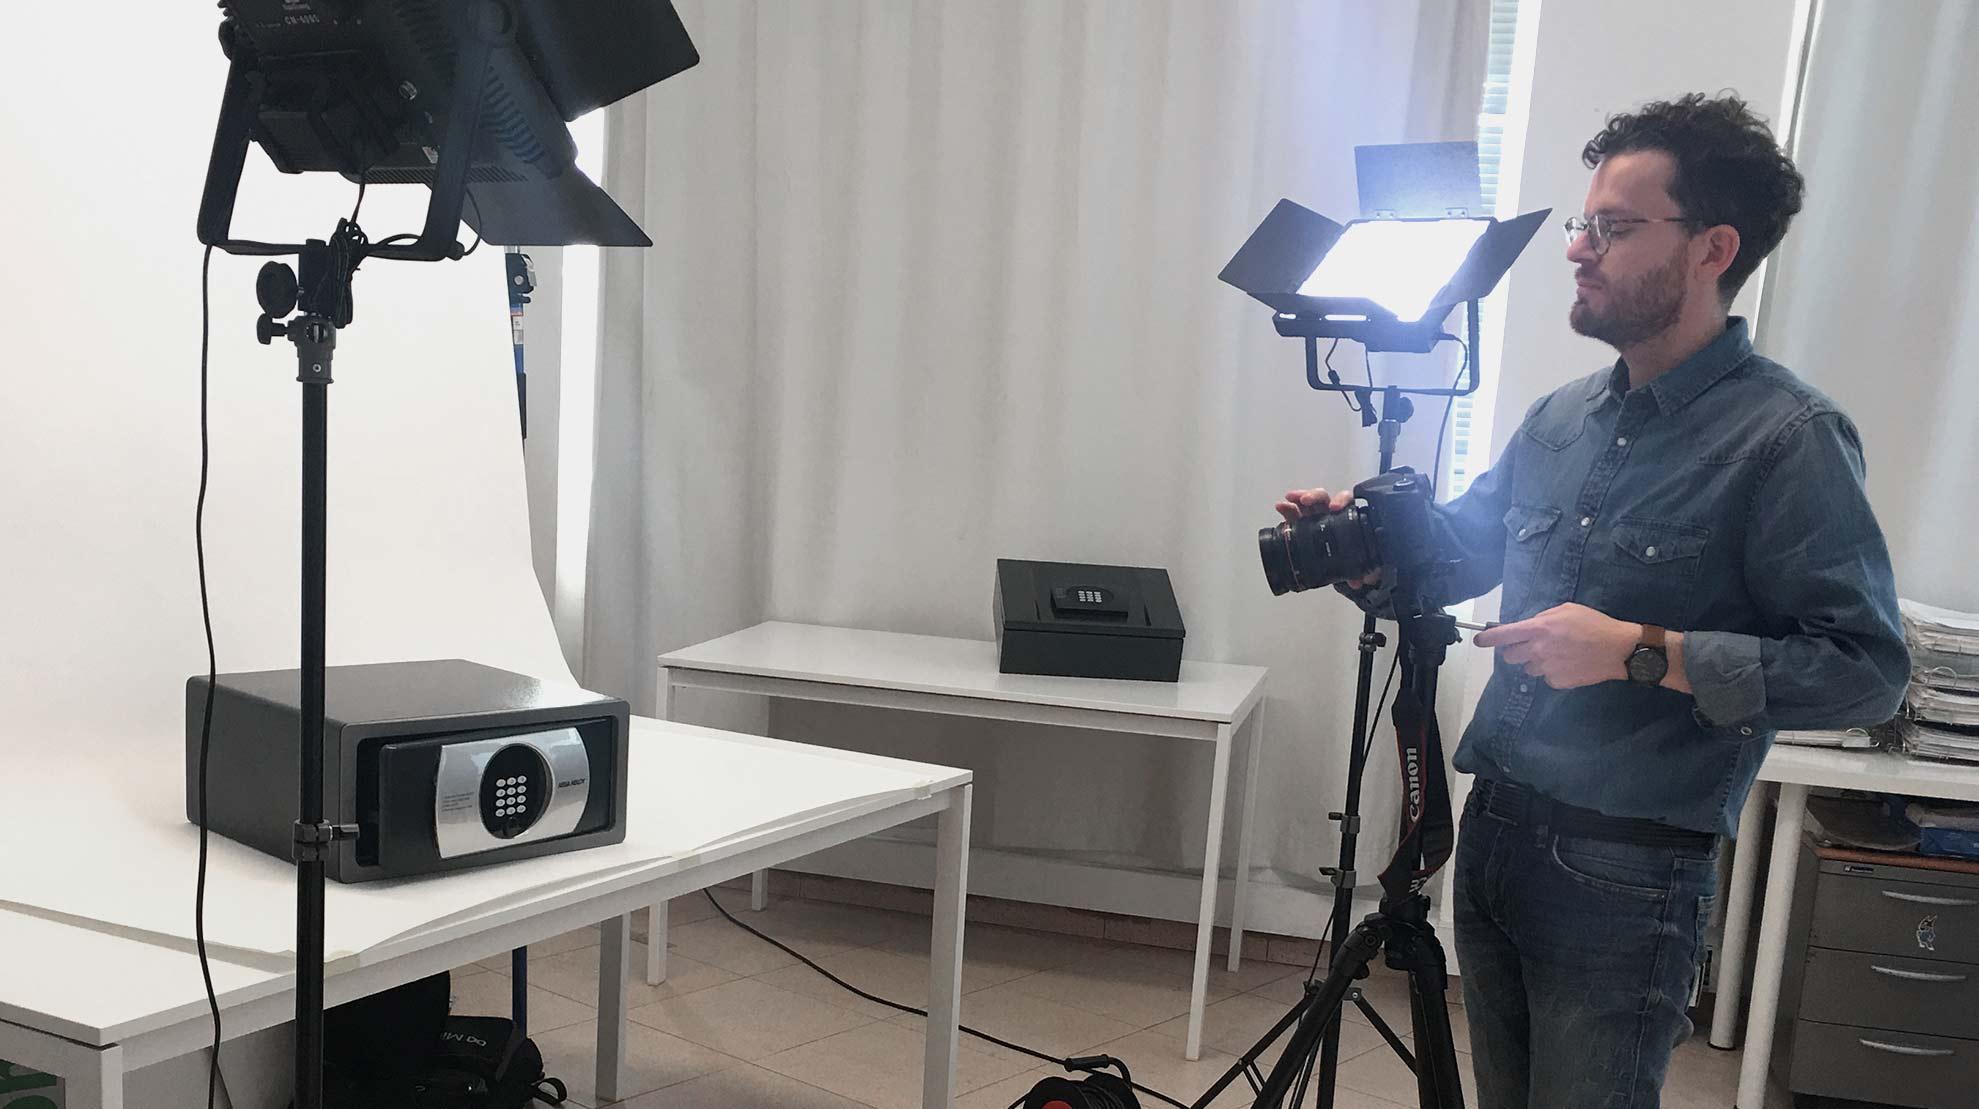 fotografia producto barcelona - Mejorar estrategias comerciales, imagen, comunicación,... para empresas que no disponen de medios